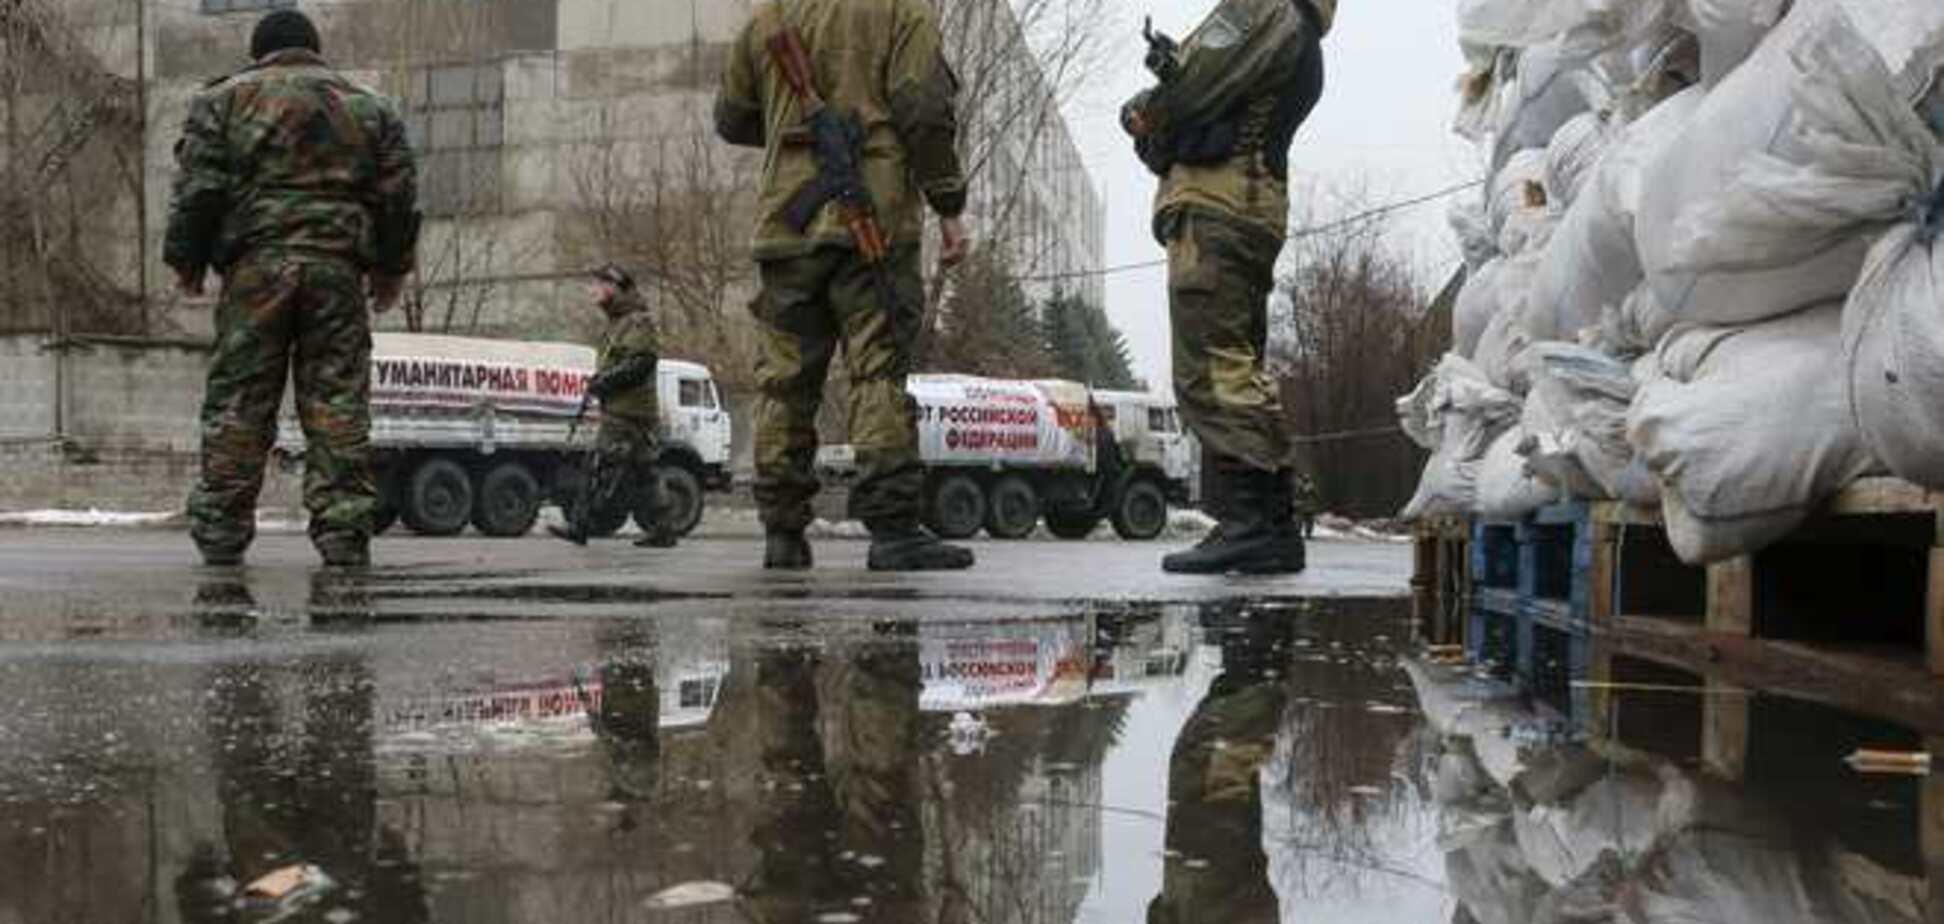 Террористы 'ЛНР' создали новое подразделение для ликвидации подполья